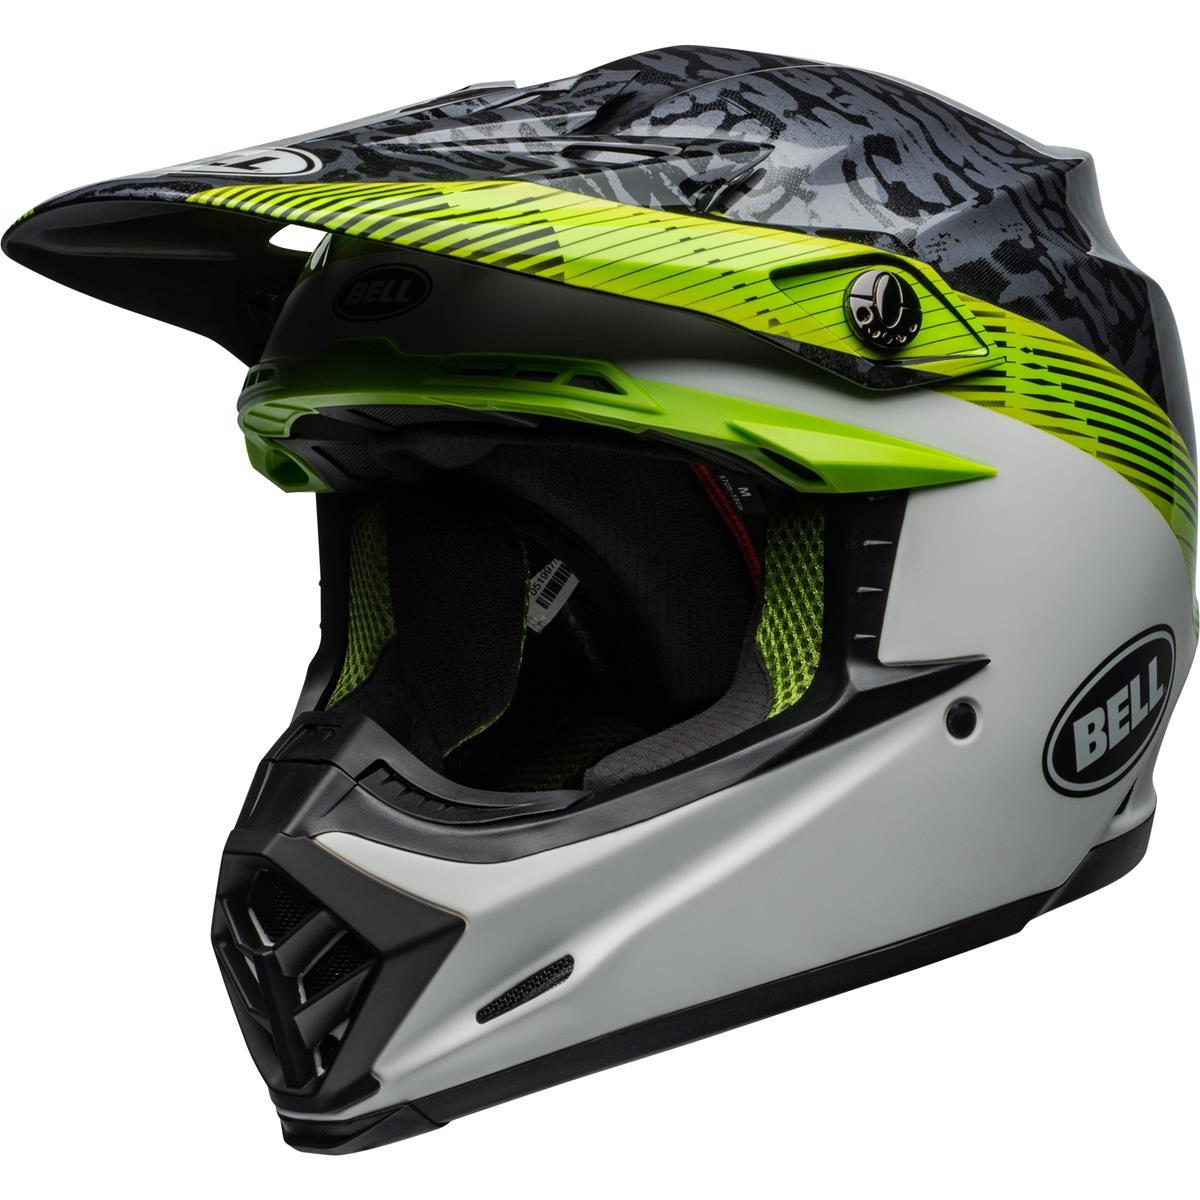 Bell Helm Moto-9 MIPS Chief - Schwarz/Weiß/Grün